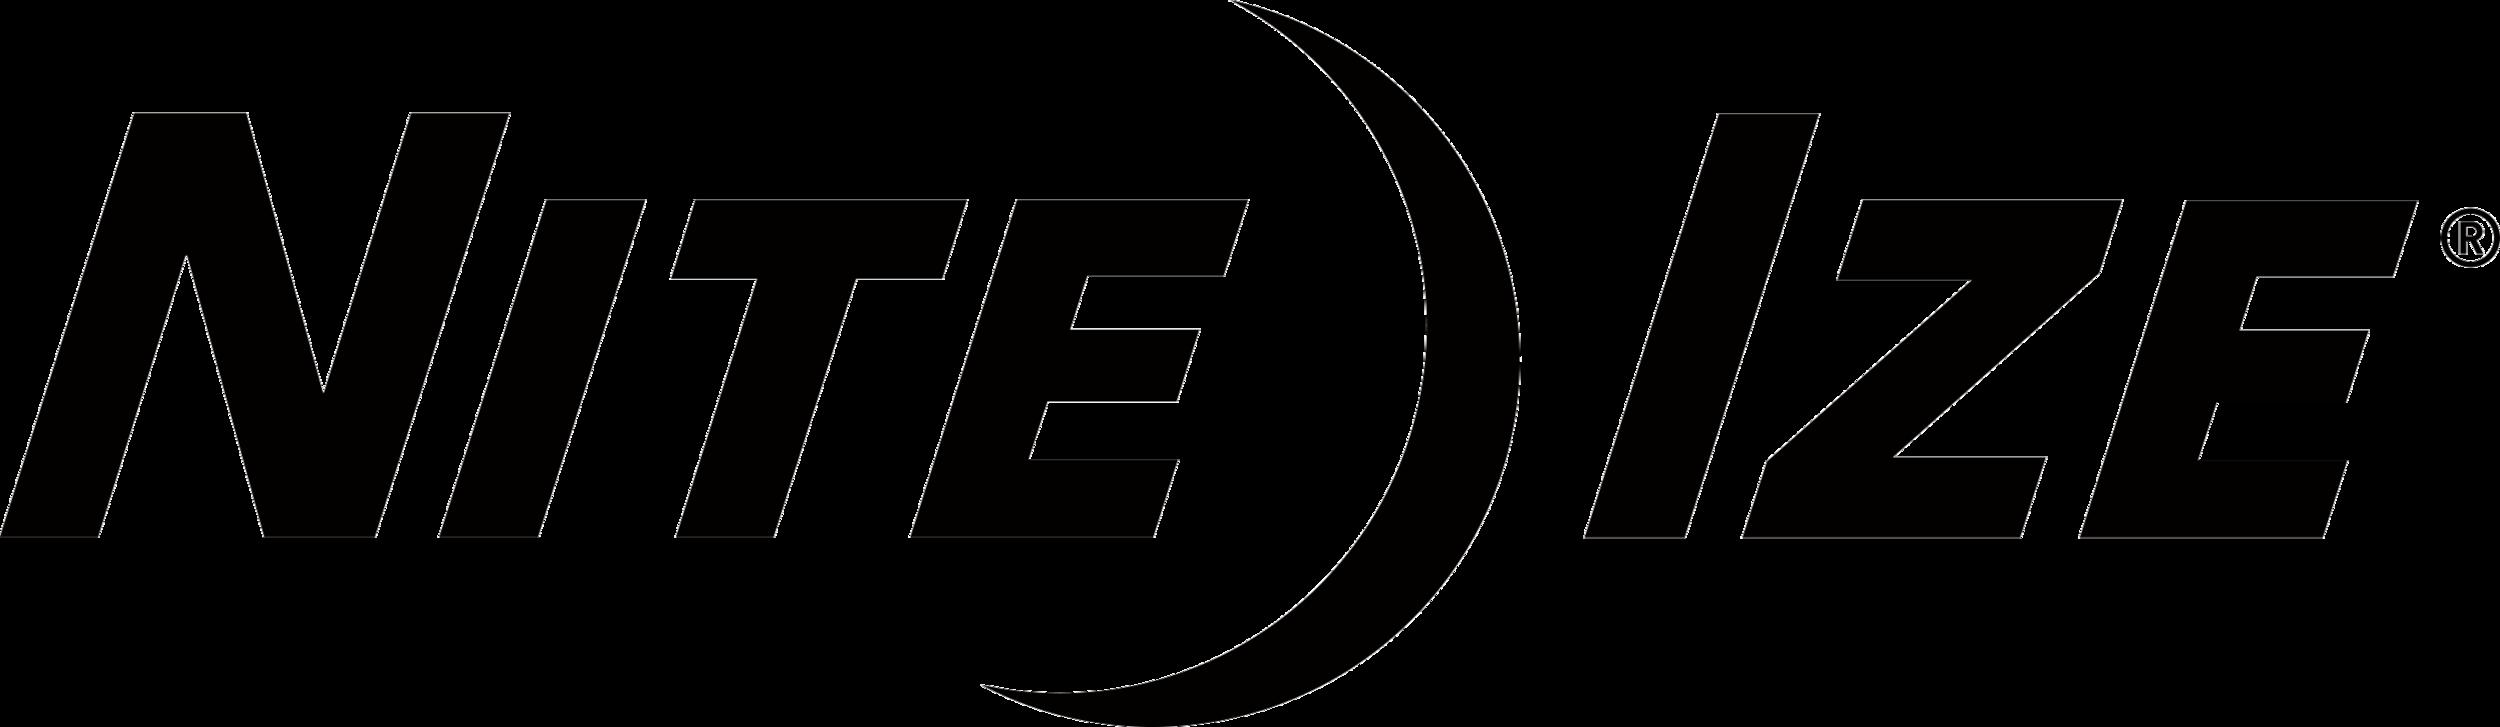 NiteIze-Logo_2019_HORIZ_1Cblk2.png